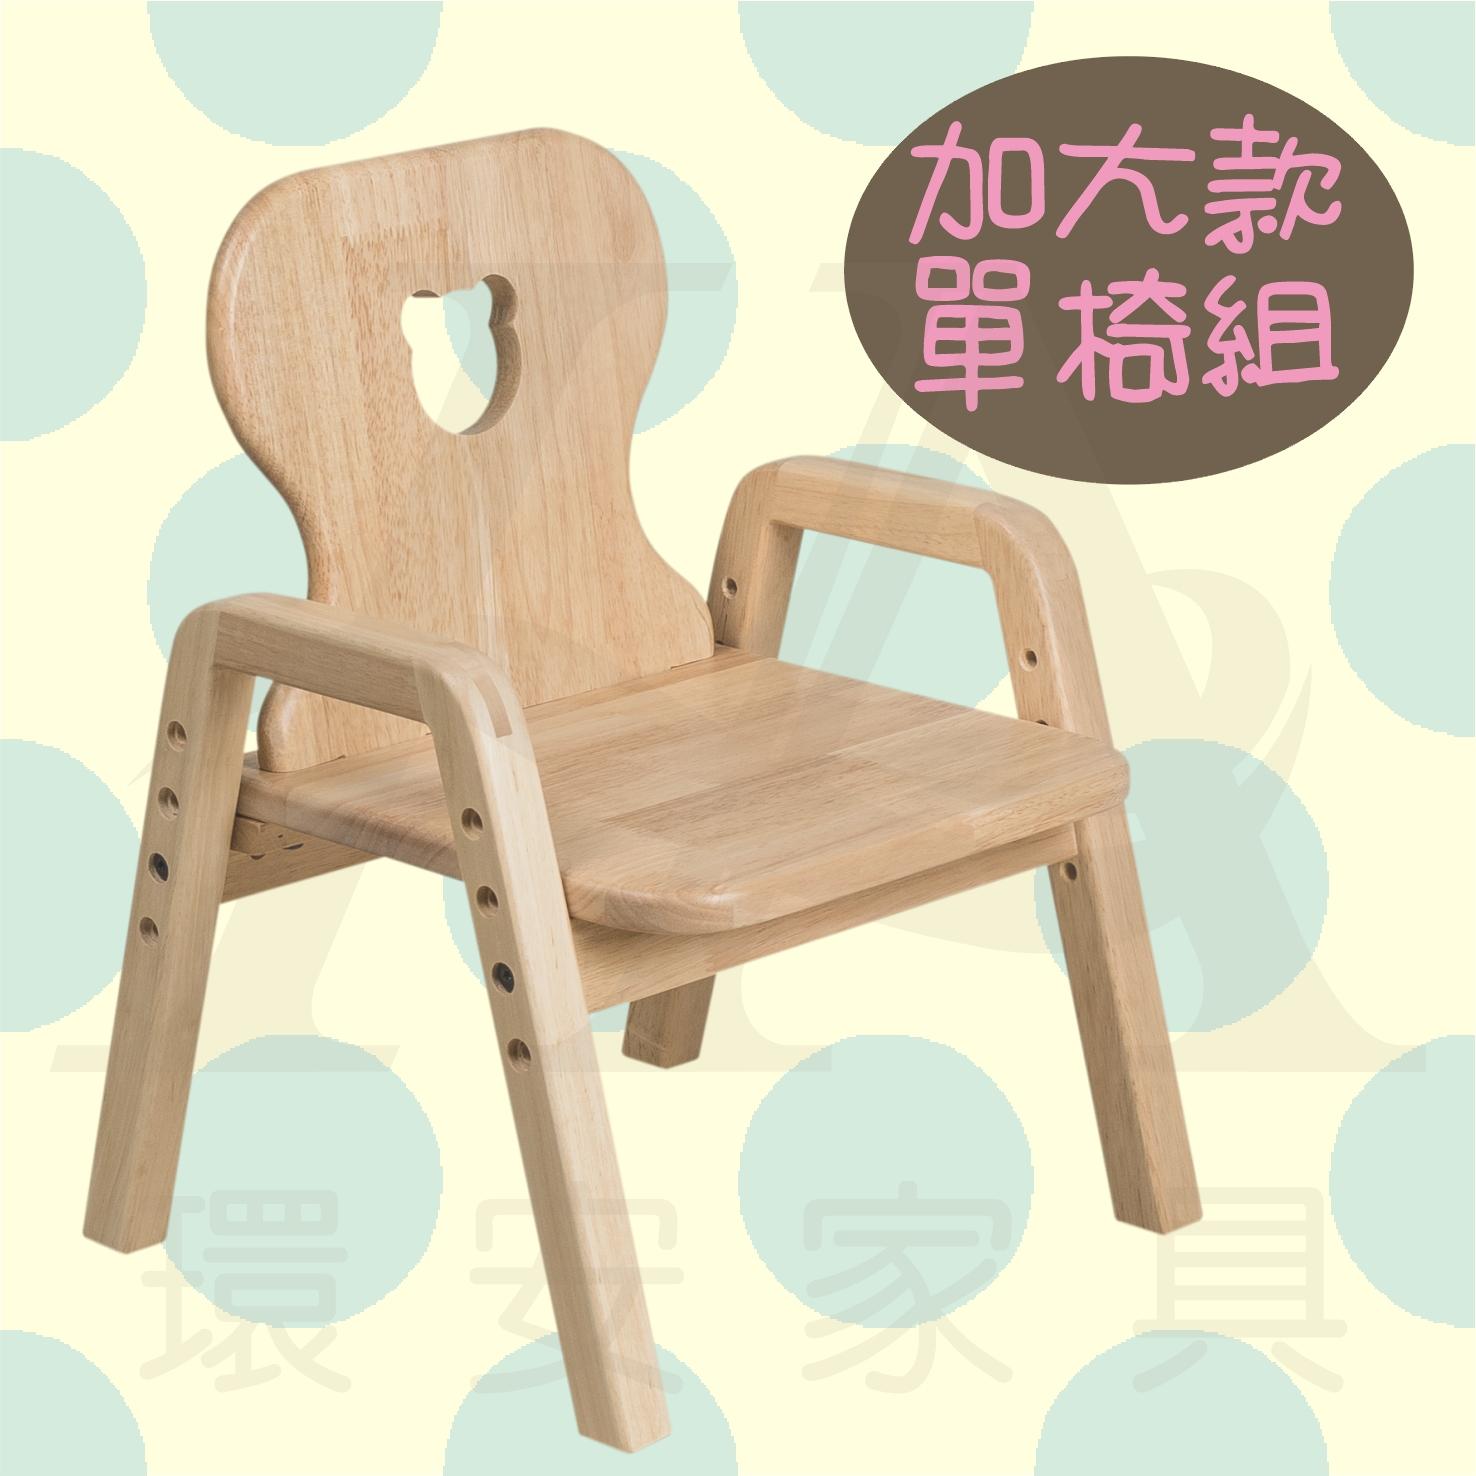 環安家具-幼兒成長桌椅組/加大款/單椅組可四段調整/寶寶 兒童書桌椅 愛心椅 小熊椅★護木保養液加購價只要150元★